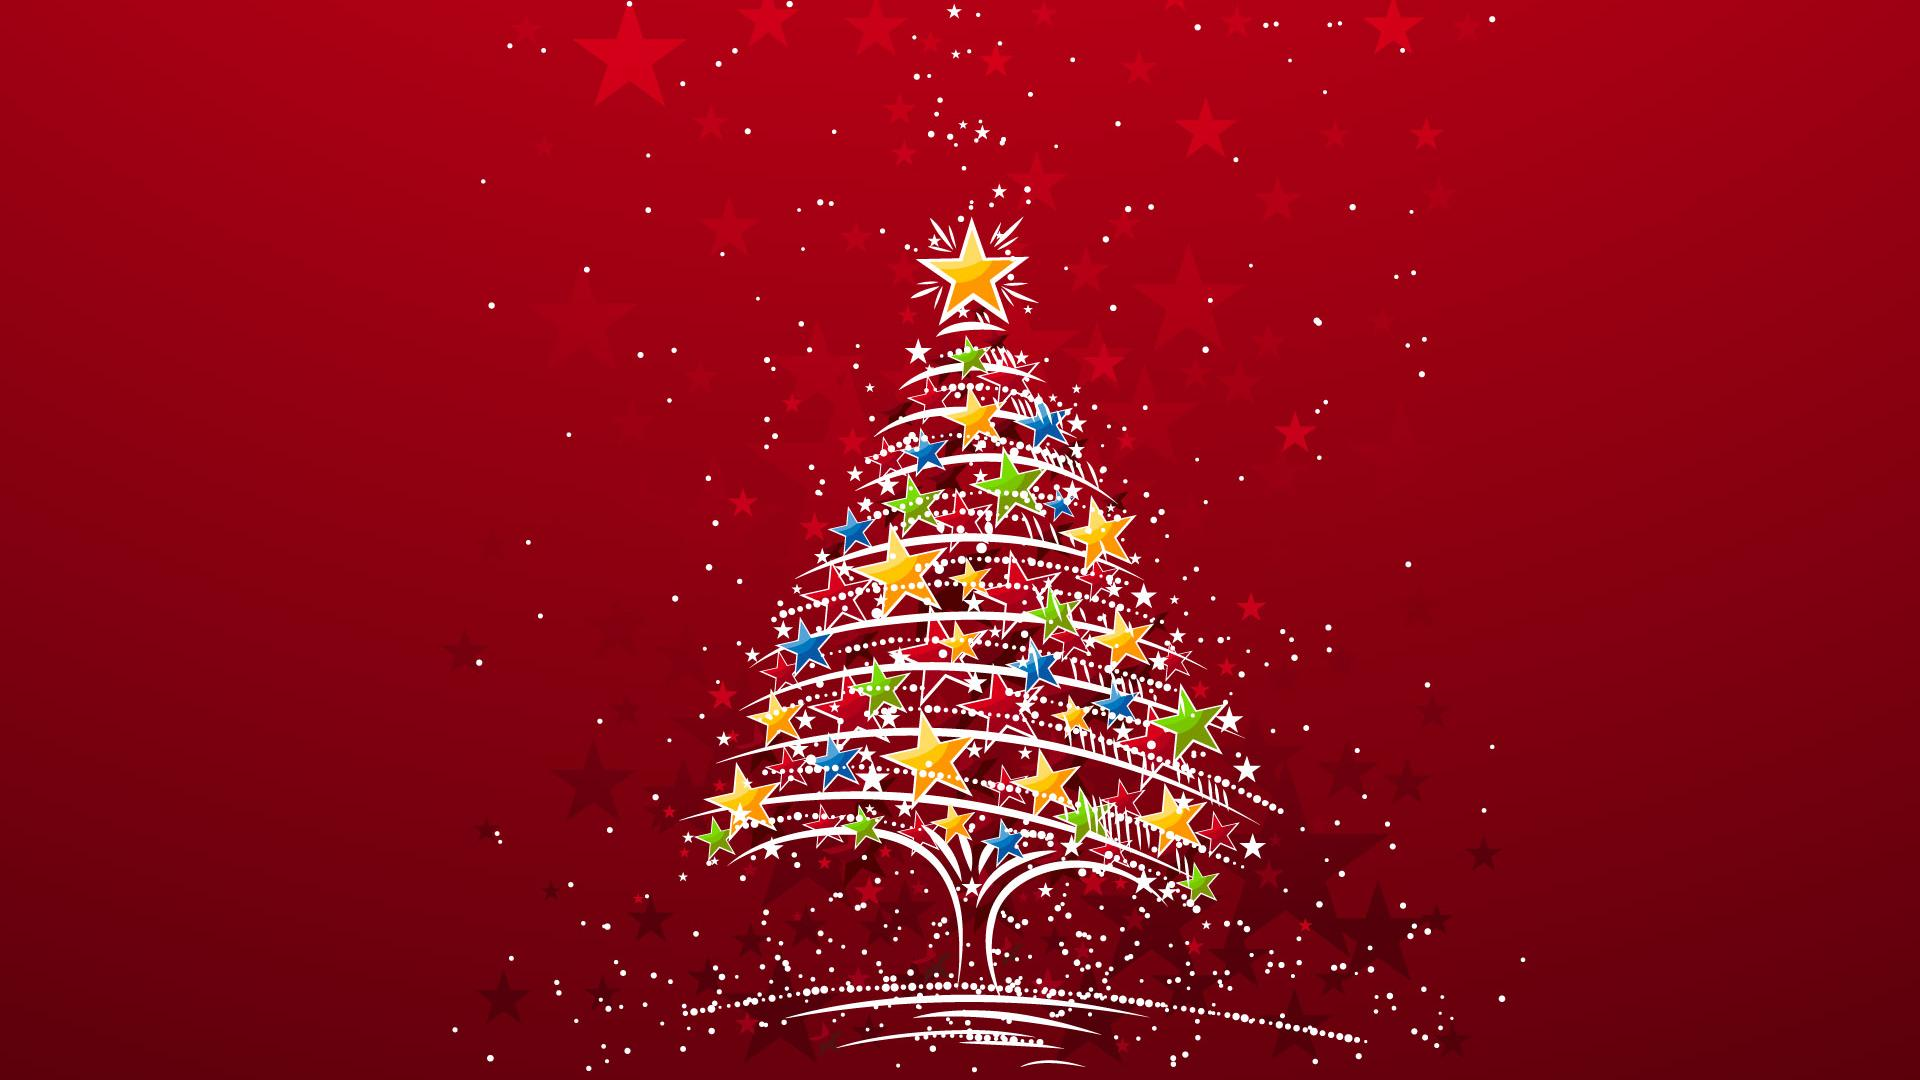 O'Brien County Holiday Closing